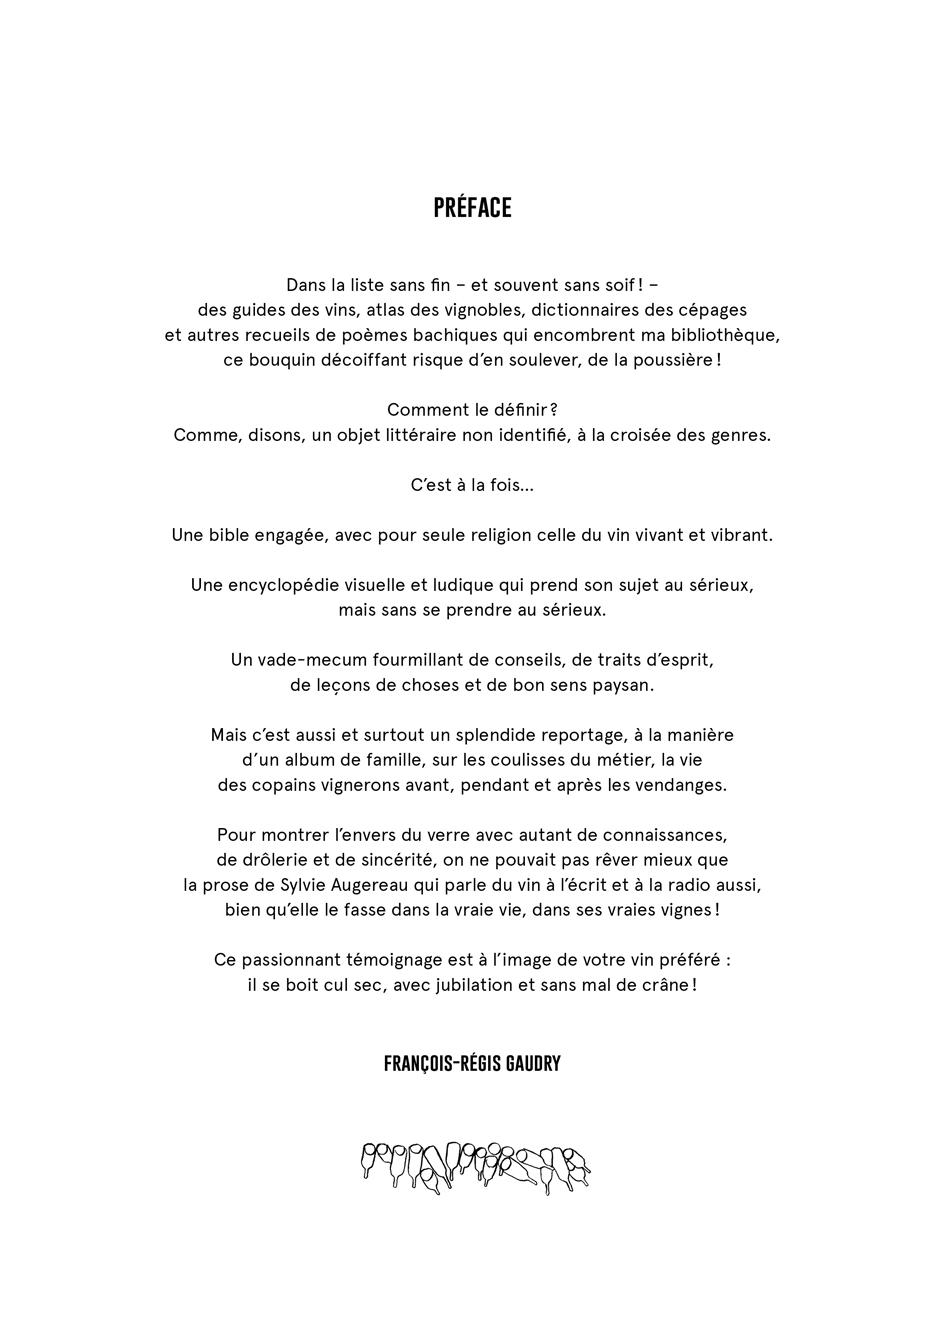 Le VIN : la préface!